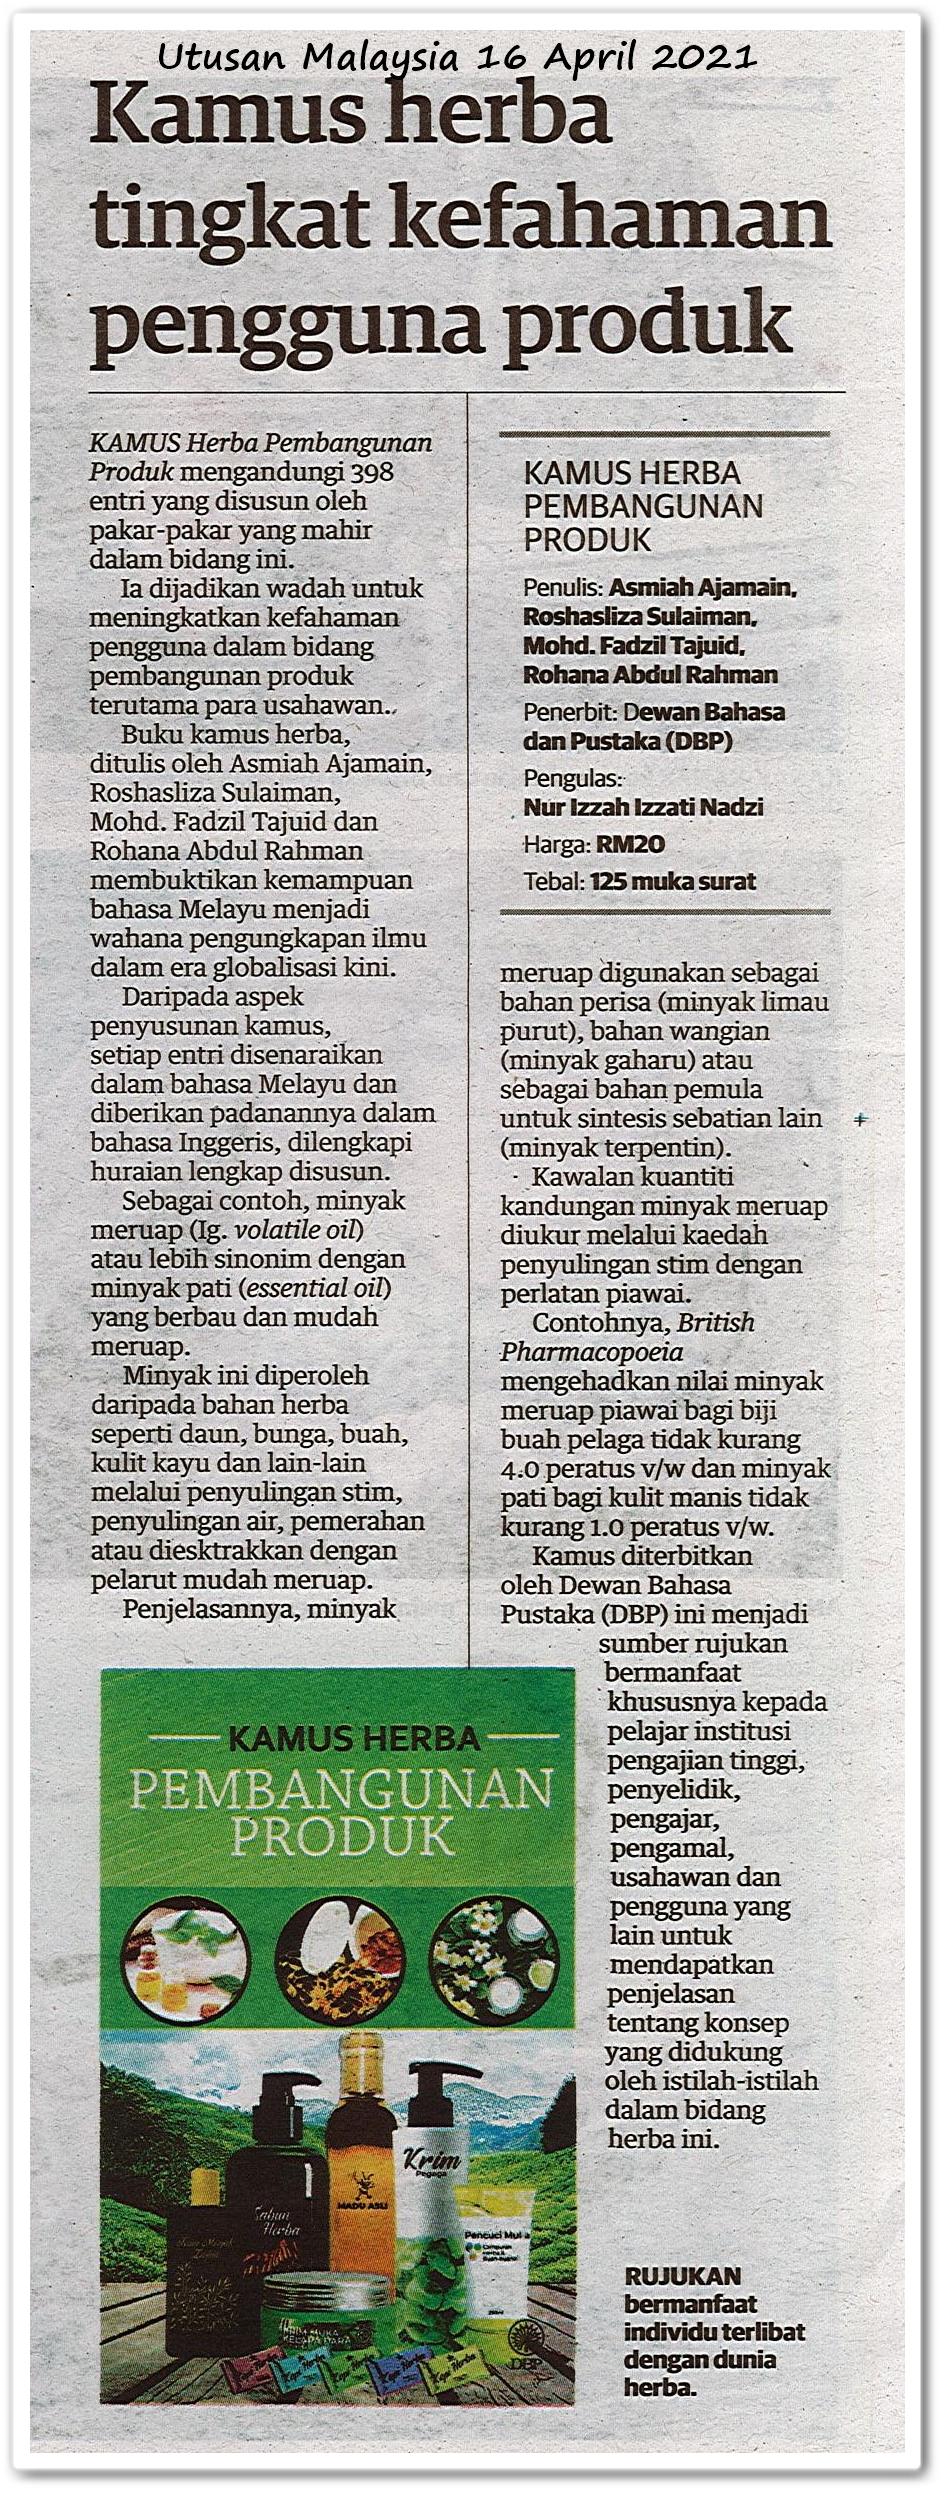 Kamus herba tingkat kefahaman pengguna produk - Keratan akhbar Utusan Malaysia 16 April 2021